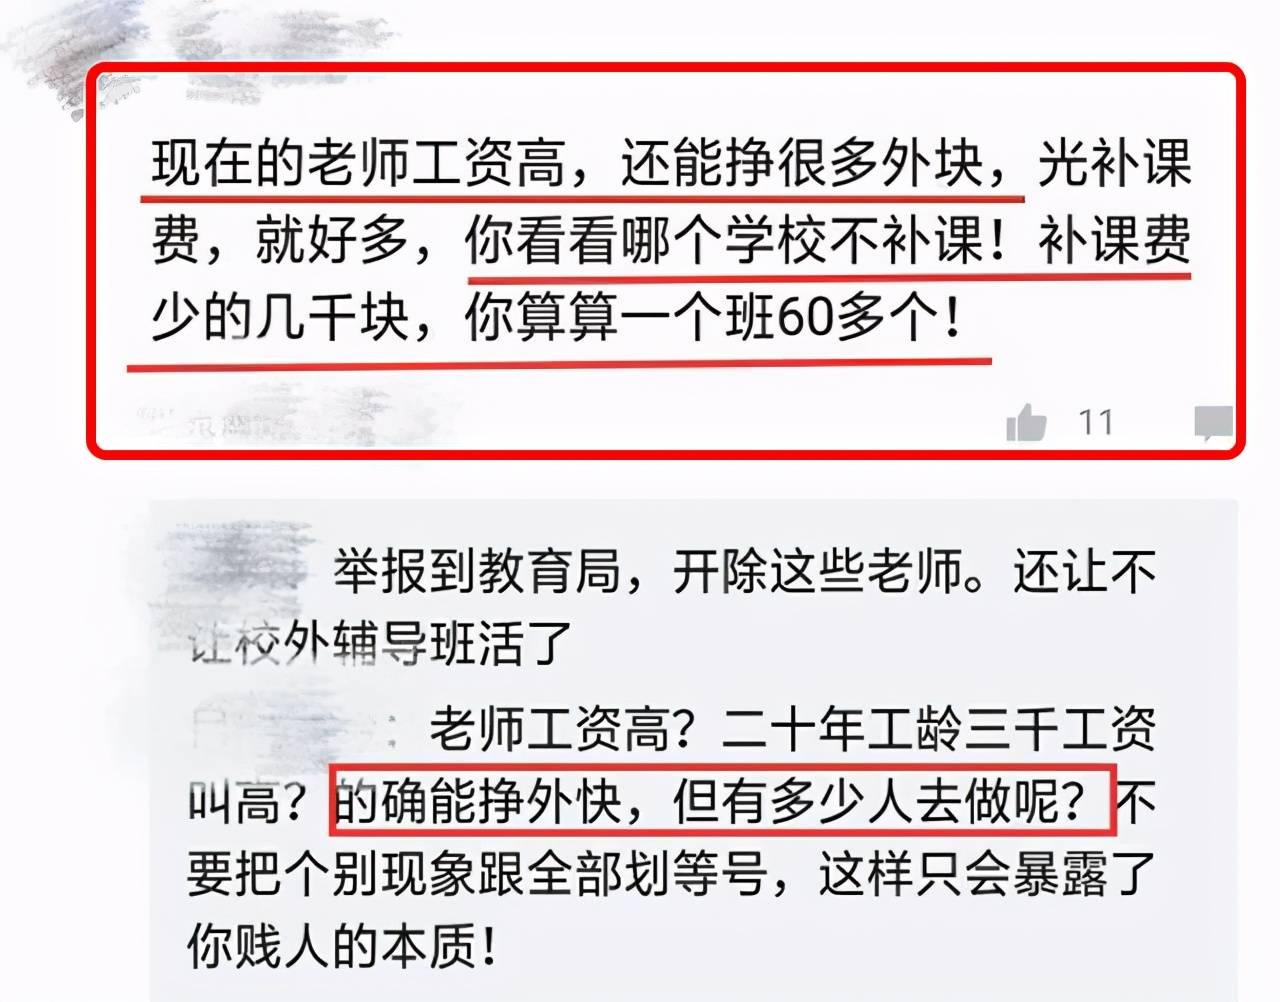 网友提议:教师不应该享受寒暑假,老师听后:那真是谢天谢地了